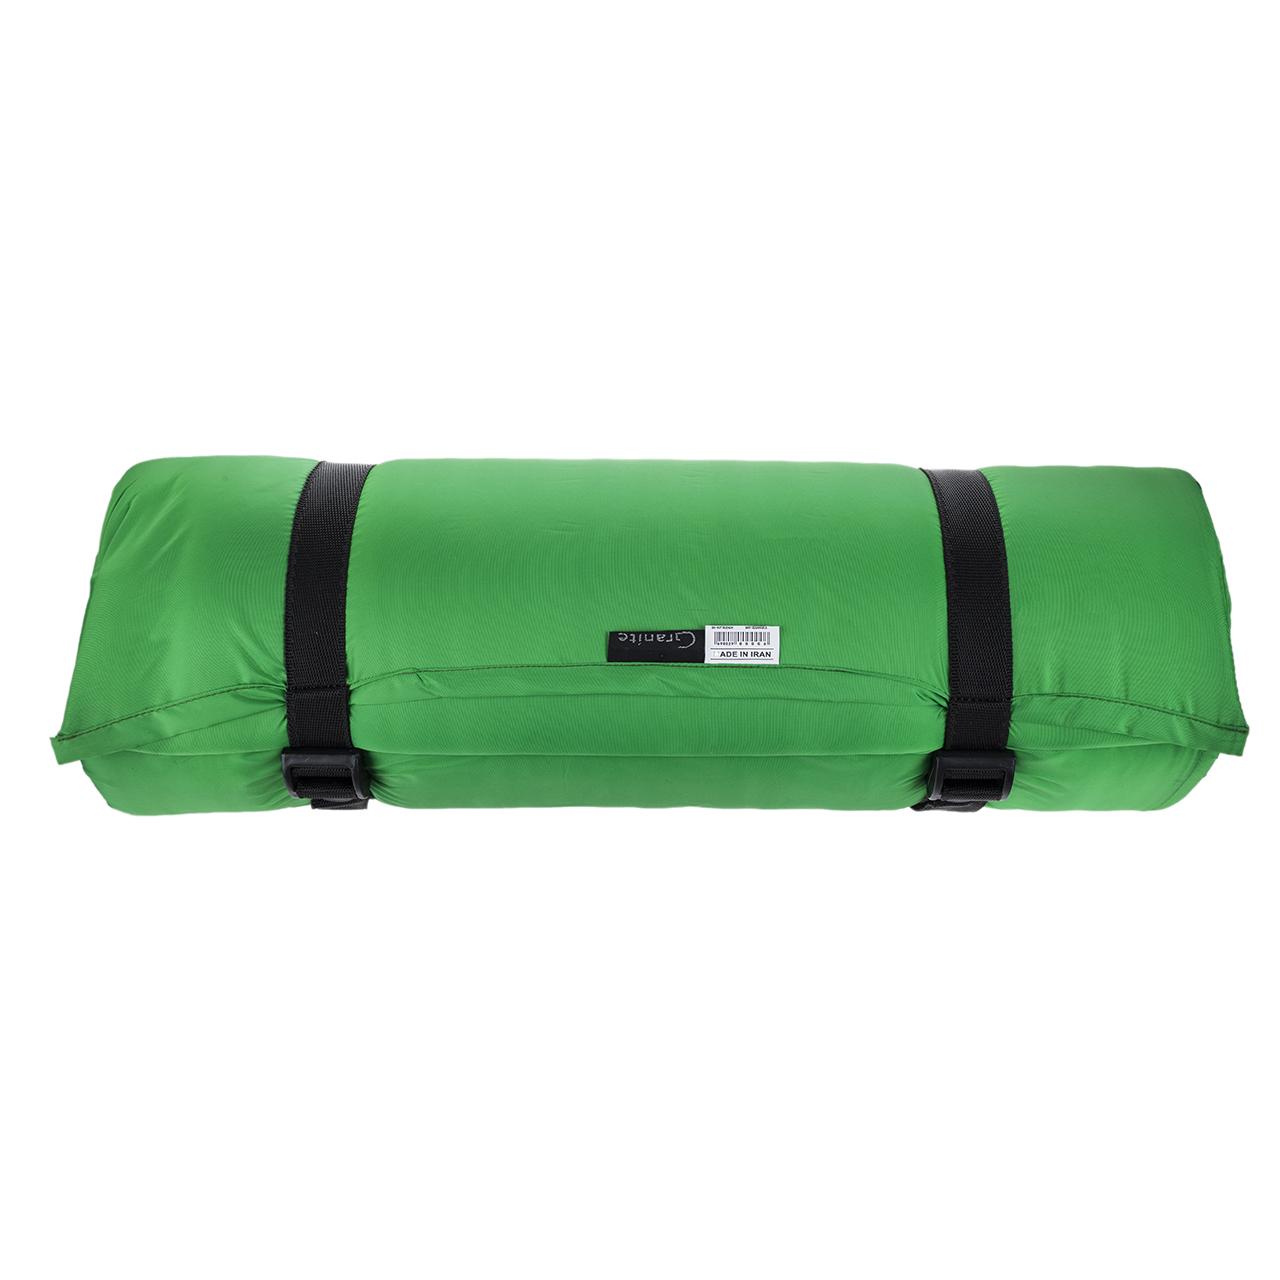 زیرانداز کیسه خواب گرانیت مدل 698029